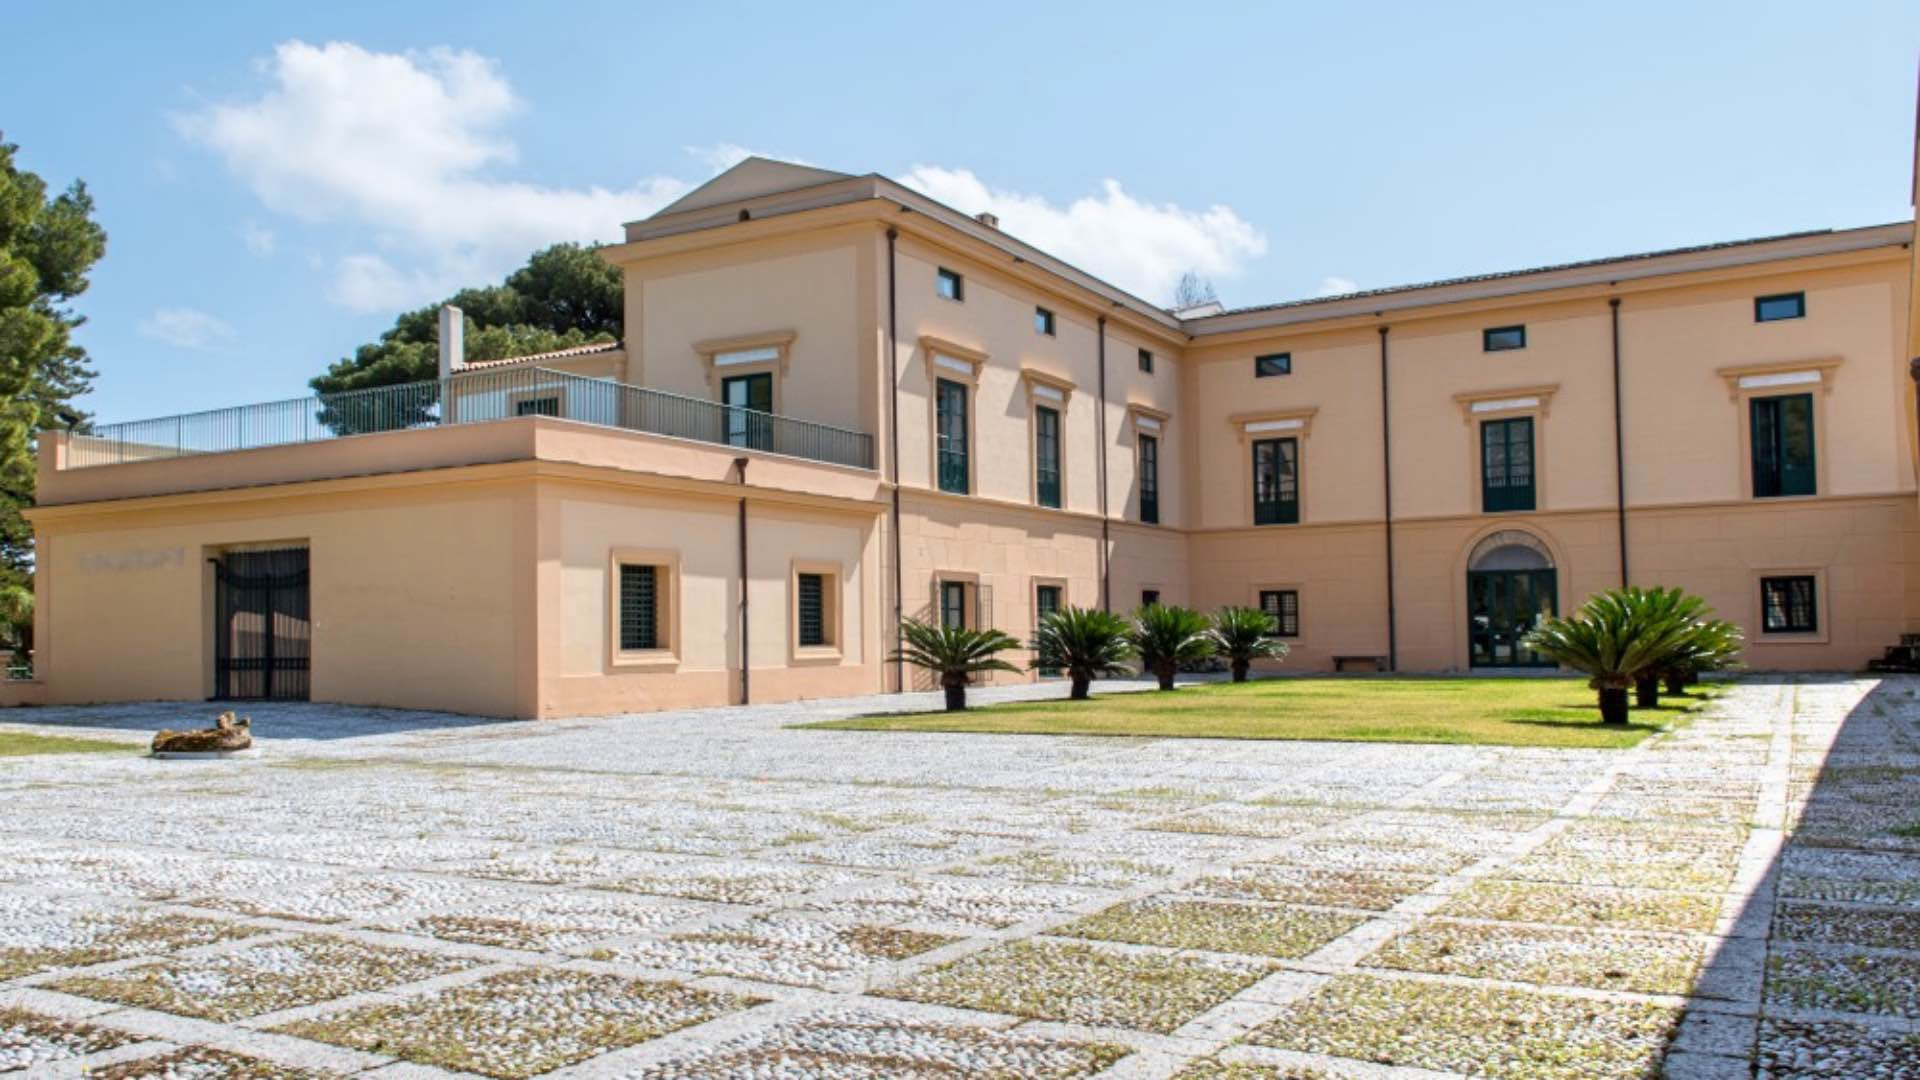 villa-risosedescuolapianofocale-1597660560.jpg